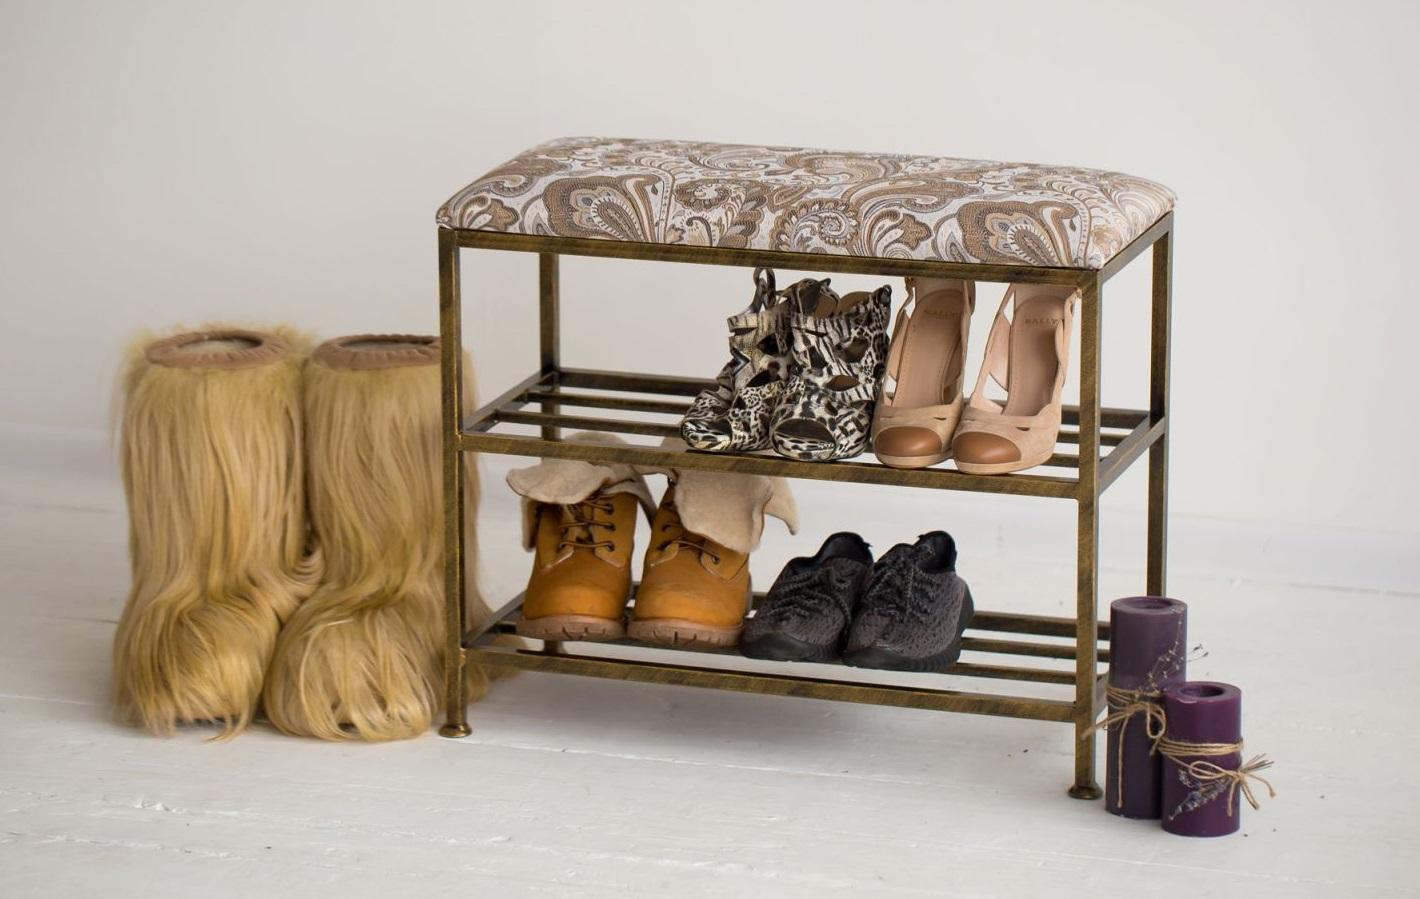 Fantastisk Hyllor för skor på korridoren (27 bilder): Smal bokhylla av metall RE-81